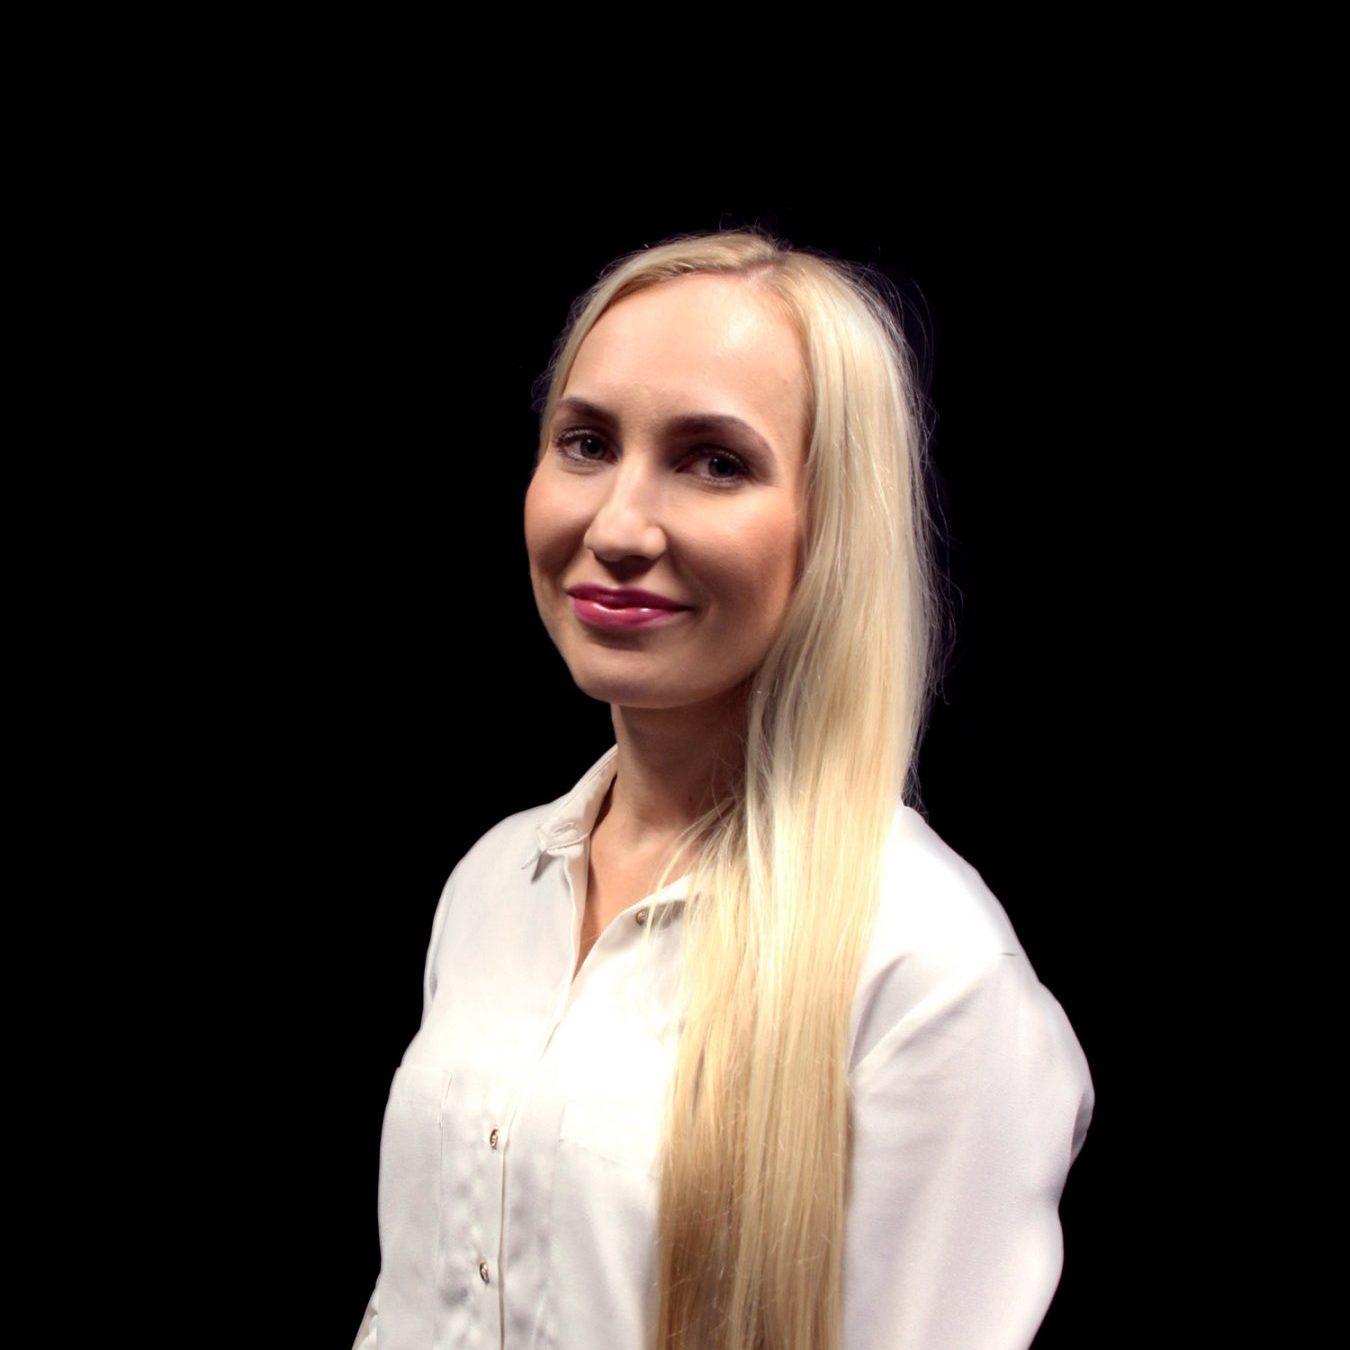 Hanna Kekäläinen - Exove